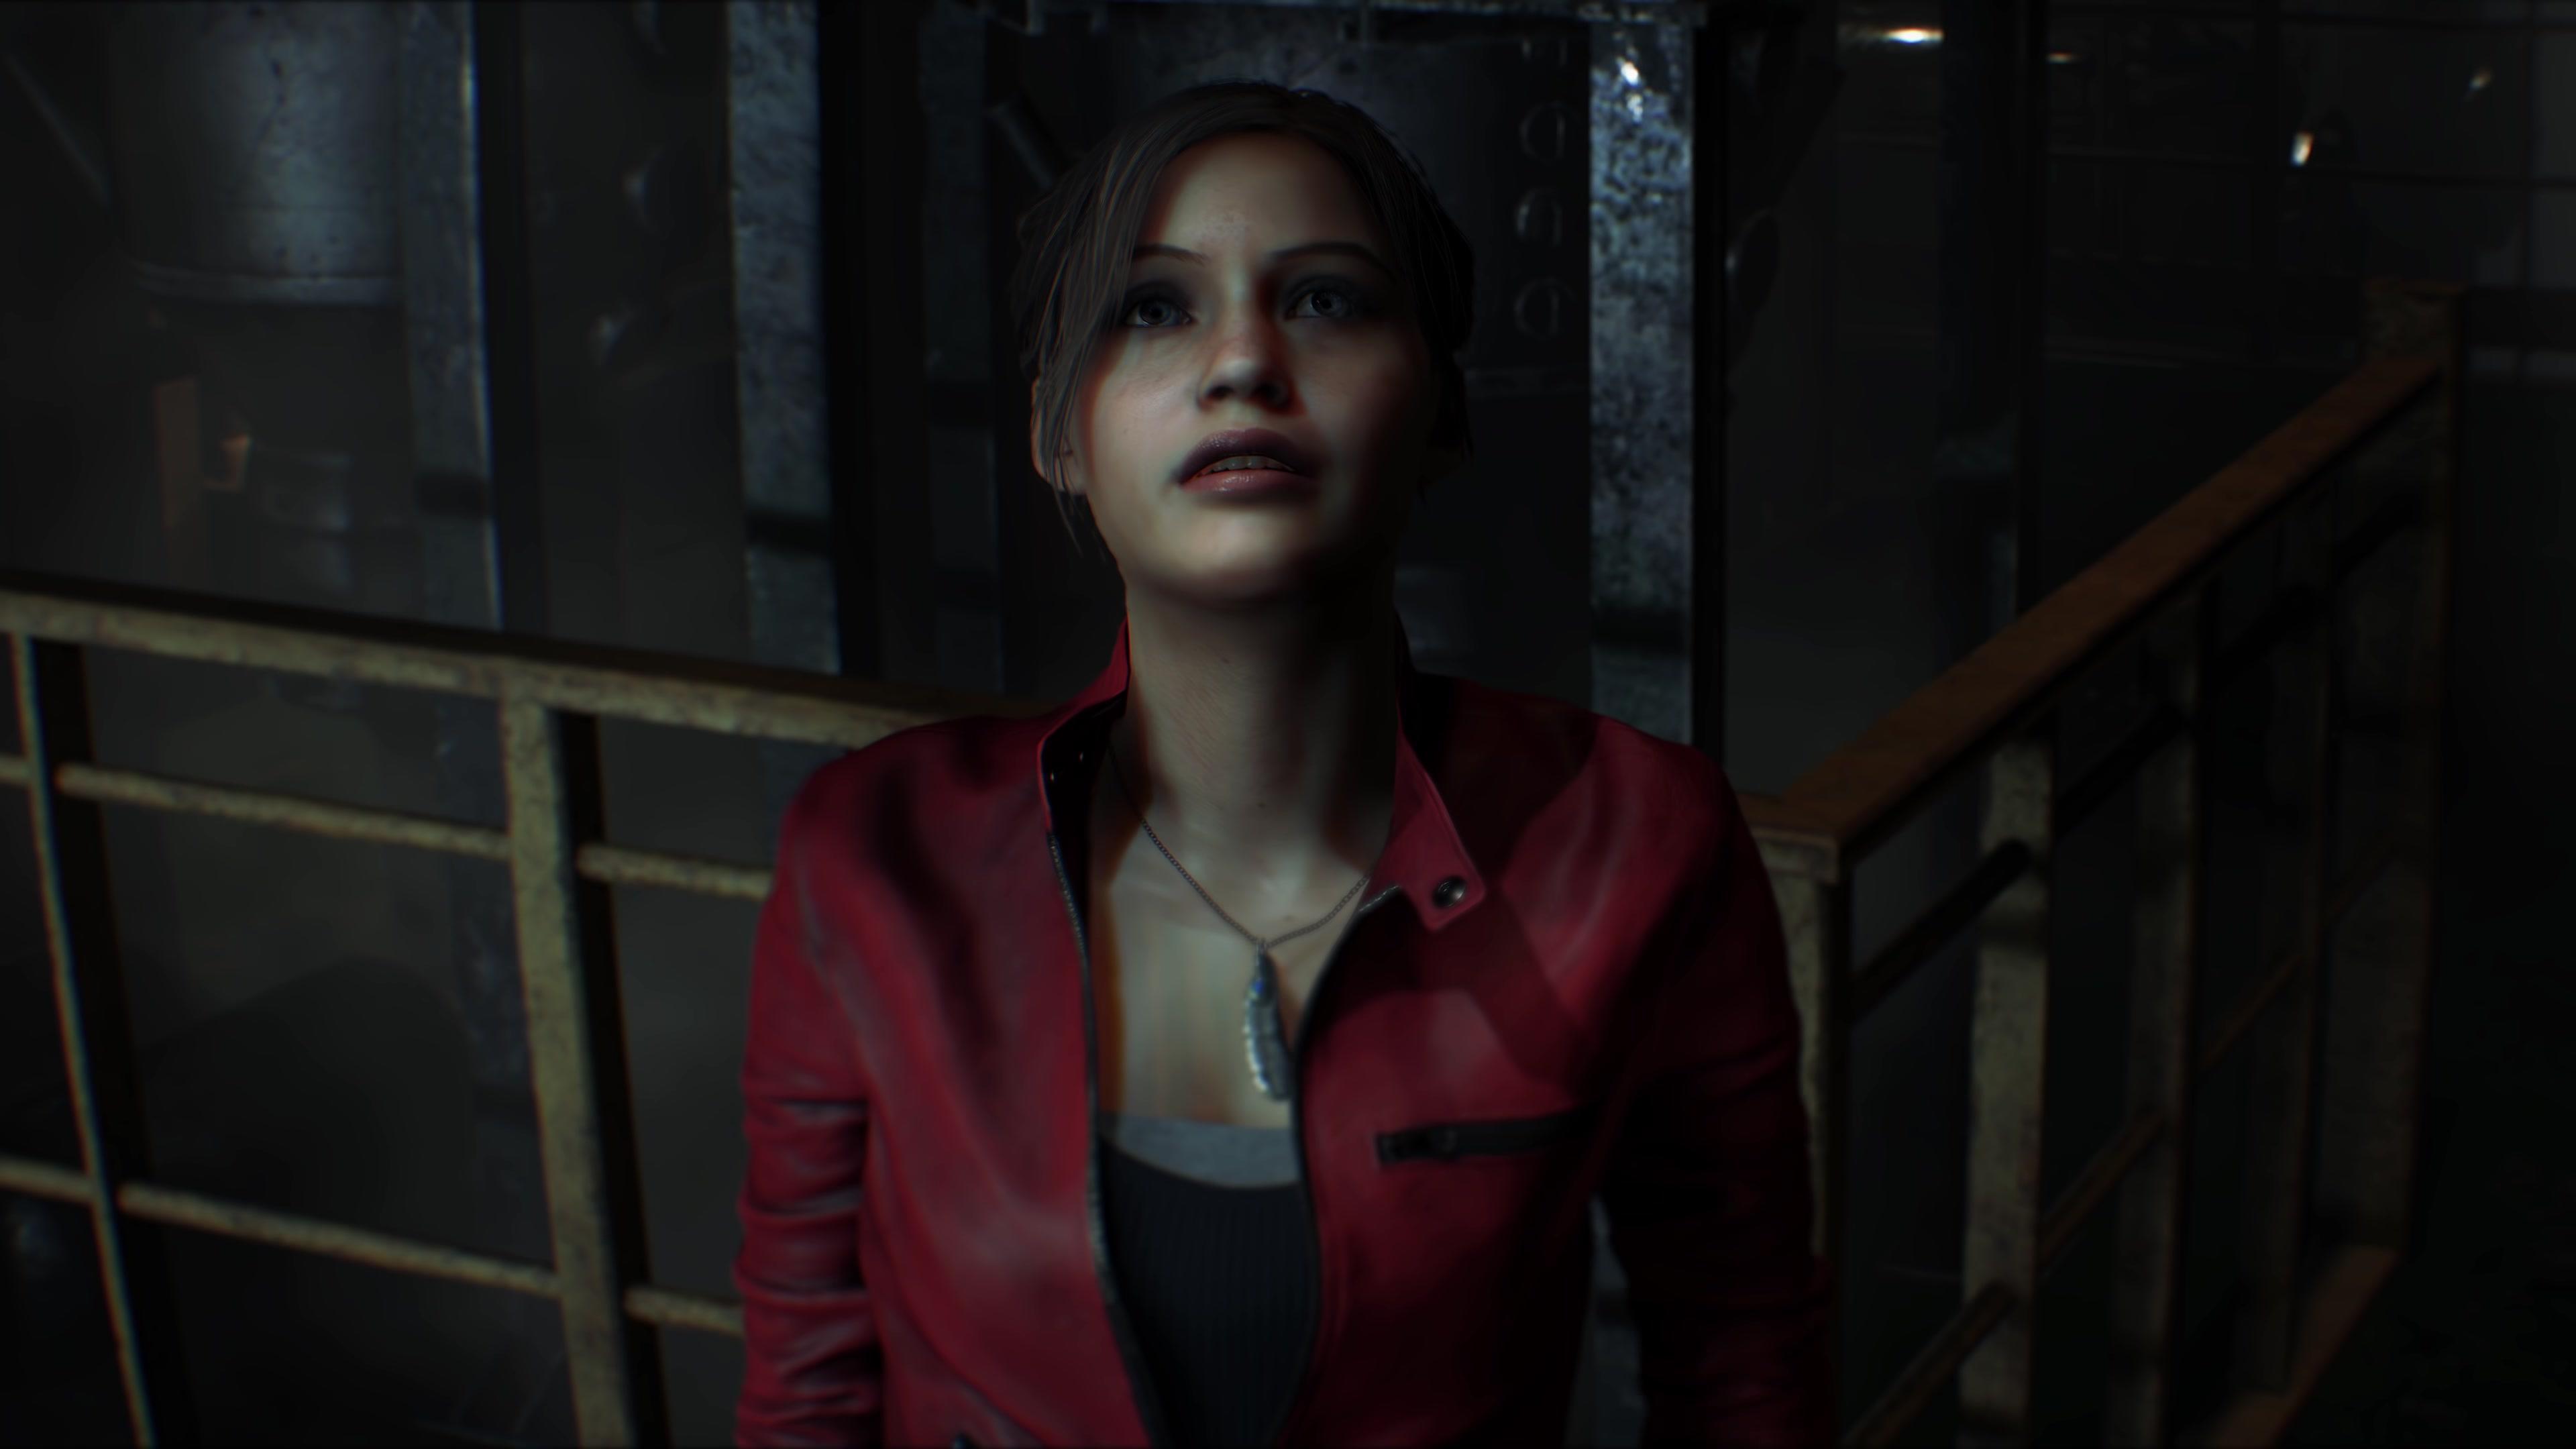 Resident Evil 2 rem 164.jpg - Resident Evil 2